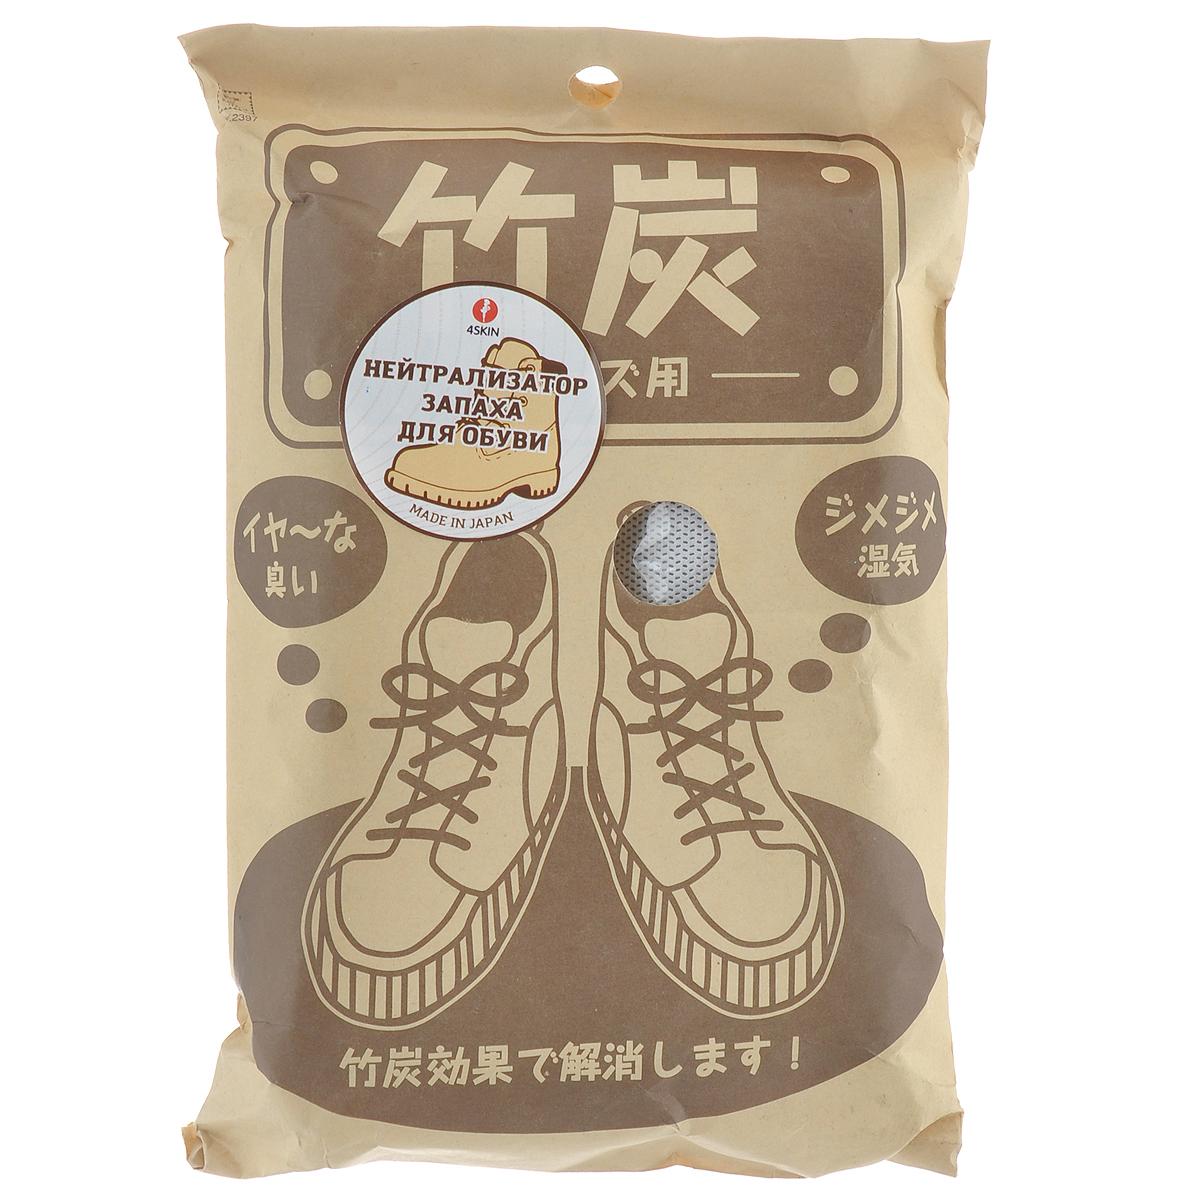 Нейтрализатор запаха для обуви KOKUBO Takesumi, 100 г, 2 шт223978Нейтрализатор запаха для обуви KOKUBO Takesumi с бамбуковым углем - эффективное средство для качественного устранения неприятных запахов и влаги обуви. Высокие абсорбирующие свойства бамбукового угля позволяют высушить обувь всего за несколько часов и, при этом, избежать повреждения структуры обуви и изменения ее внешнего вида. Способ применения: достаньте поглотитель из упаковки, положите в обувь, оставьте на 4-6 часов. После высыхания обуви выньте из нее поглотитель и просушите его в течении 3-4 часов в теплом месте. После чего поглотитель снова будет годен для использования. Состав: силикагель, полипропилен, бамбуковый уголь. Вес: 100 г. Количество: 2 шт.